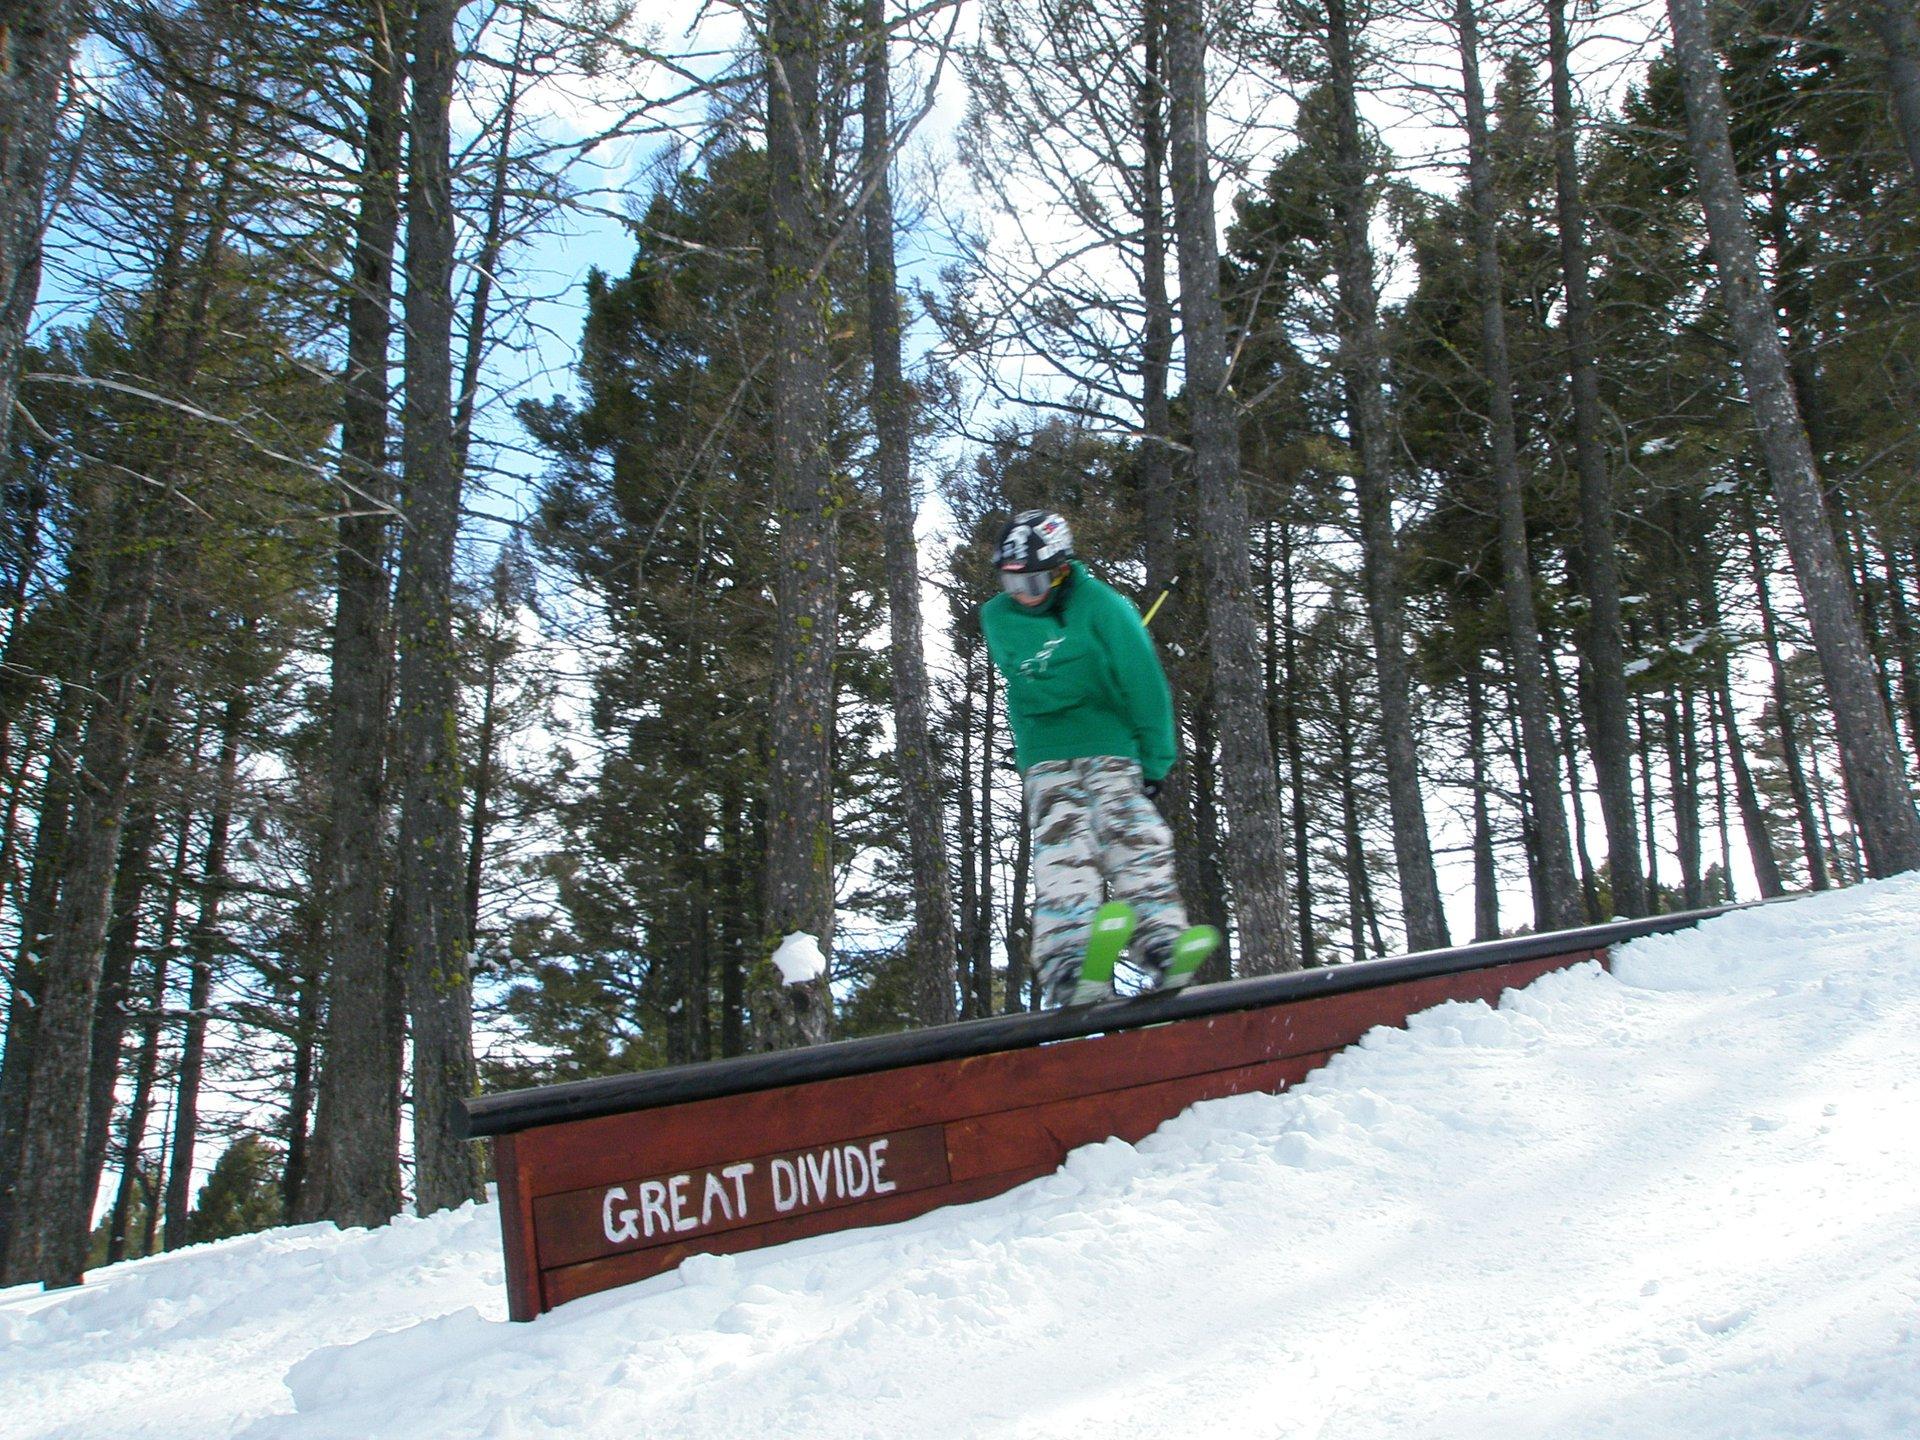 Skiing at great divide